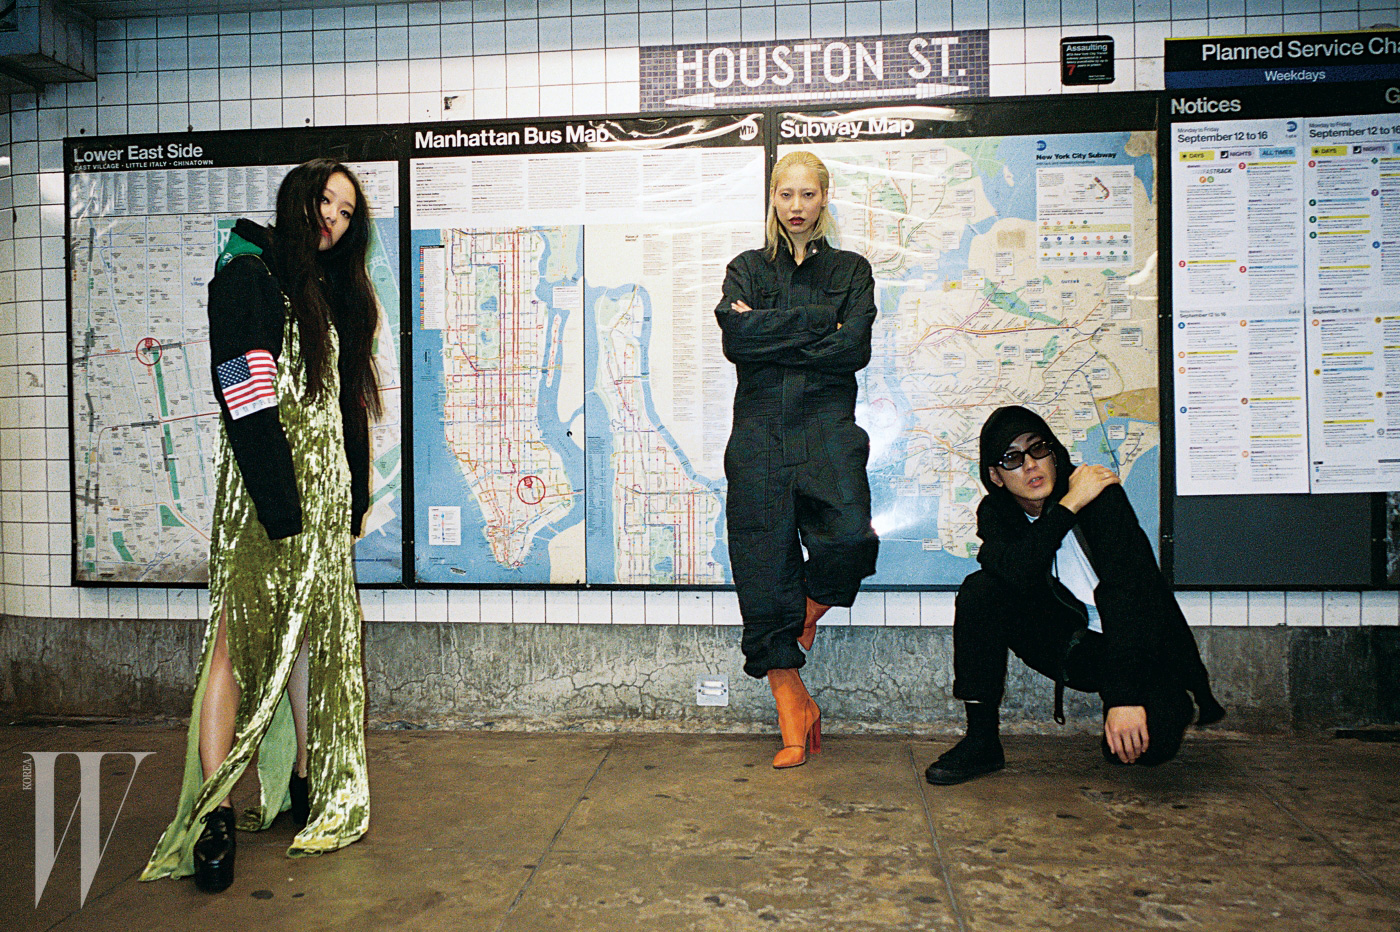 크리스티나가 입은 벨벳 소재 롱 드레스는 KYE, 슈즈는 Junya Watanabe 제품, 국기가 패치워크된 후드는 본인 소장품.